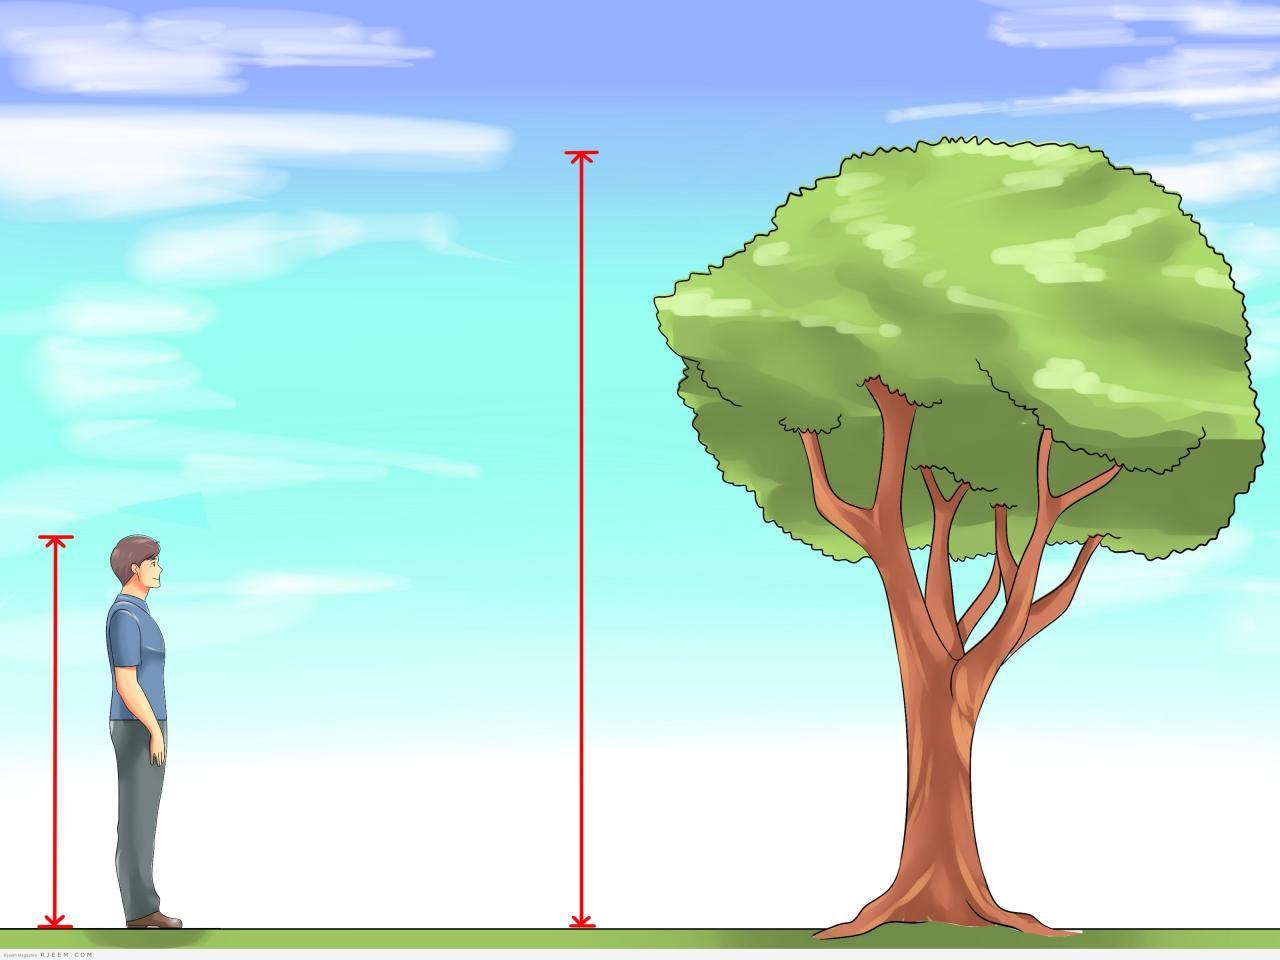 بالصور حبوب الزنك للطول , كيف اتغلب على قصر الطول بواسطة حبوب الزنك 12324 2